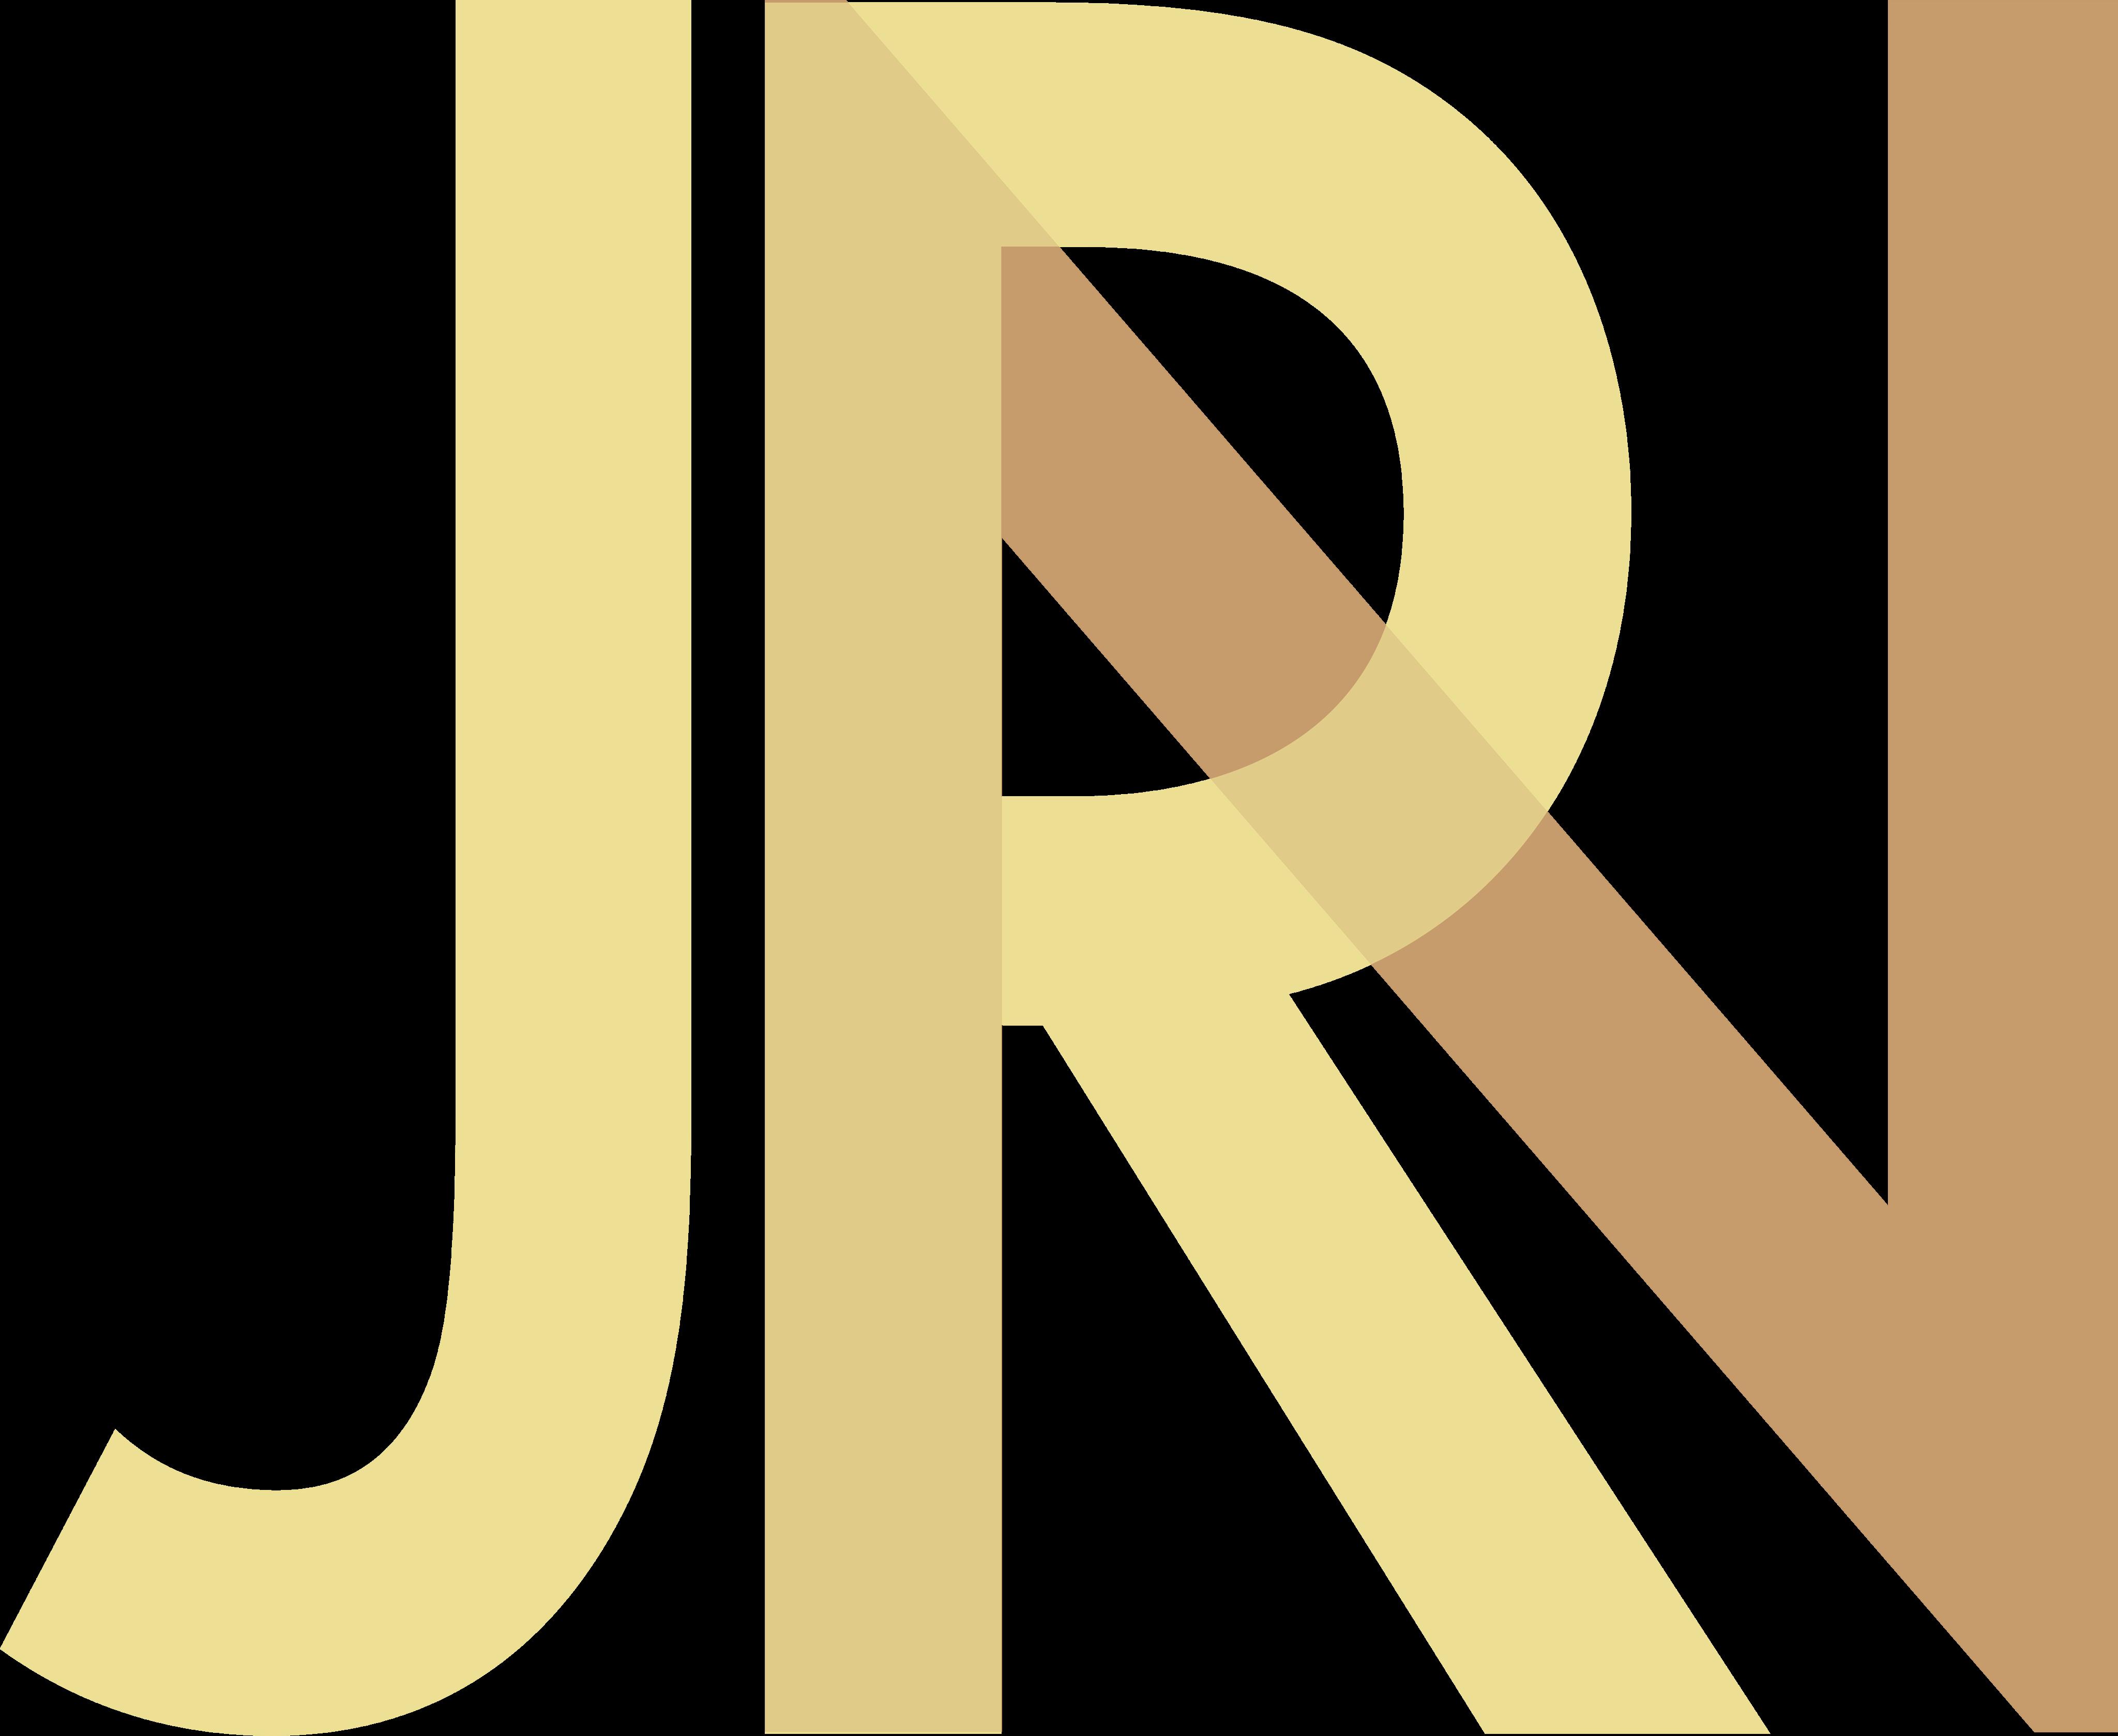 JoRNa